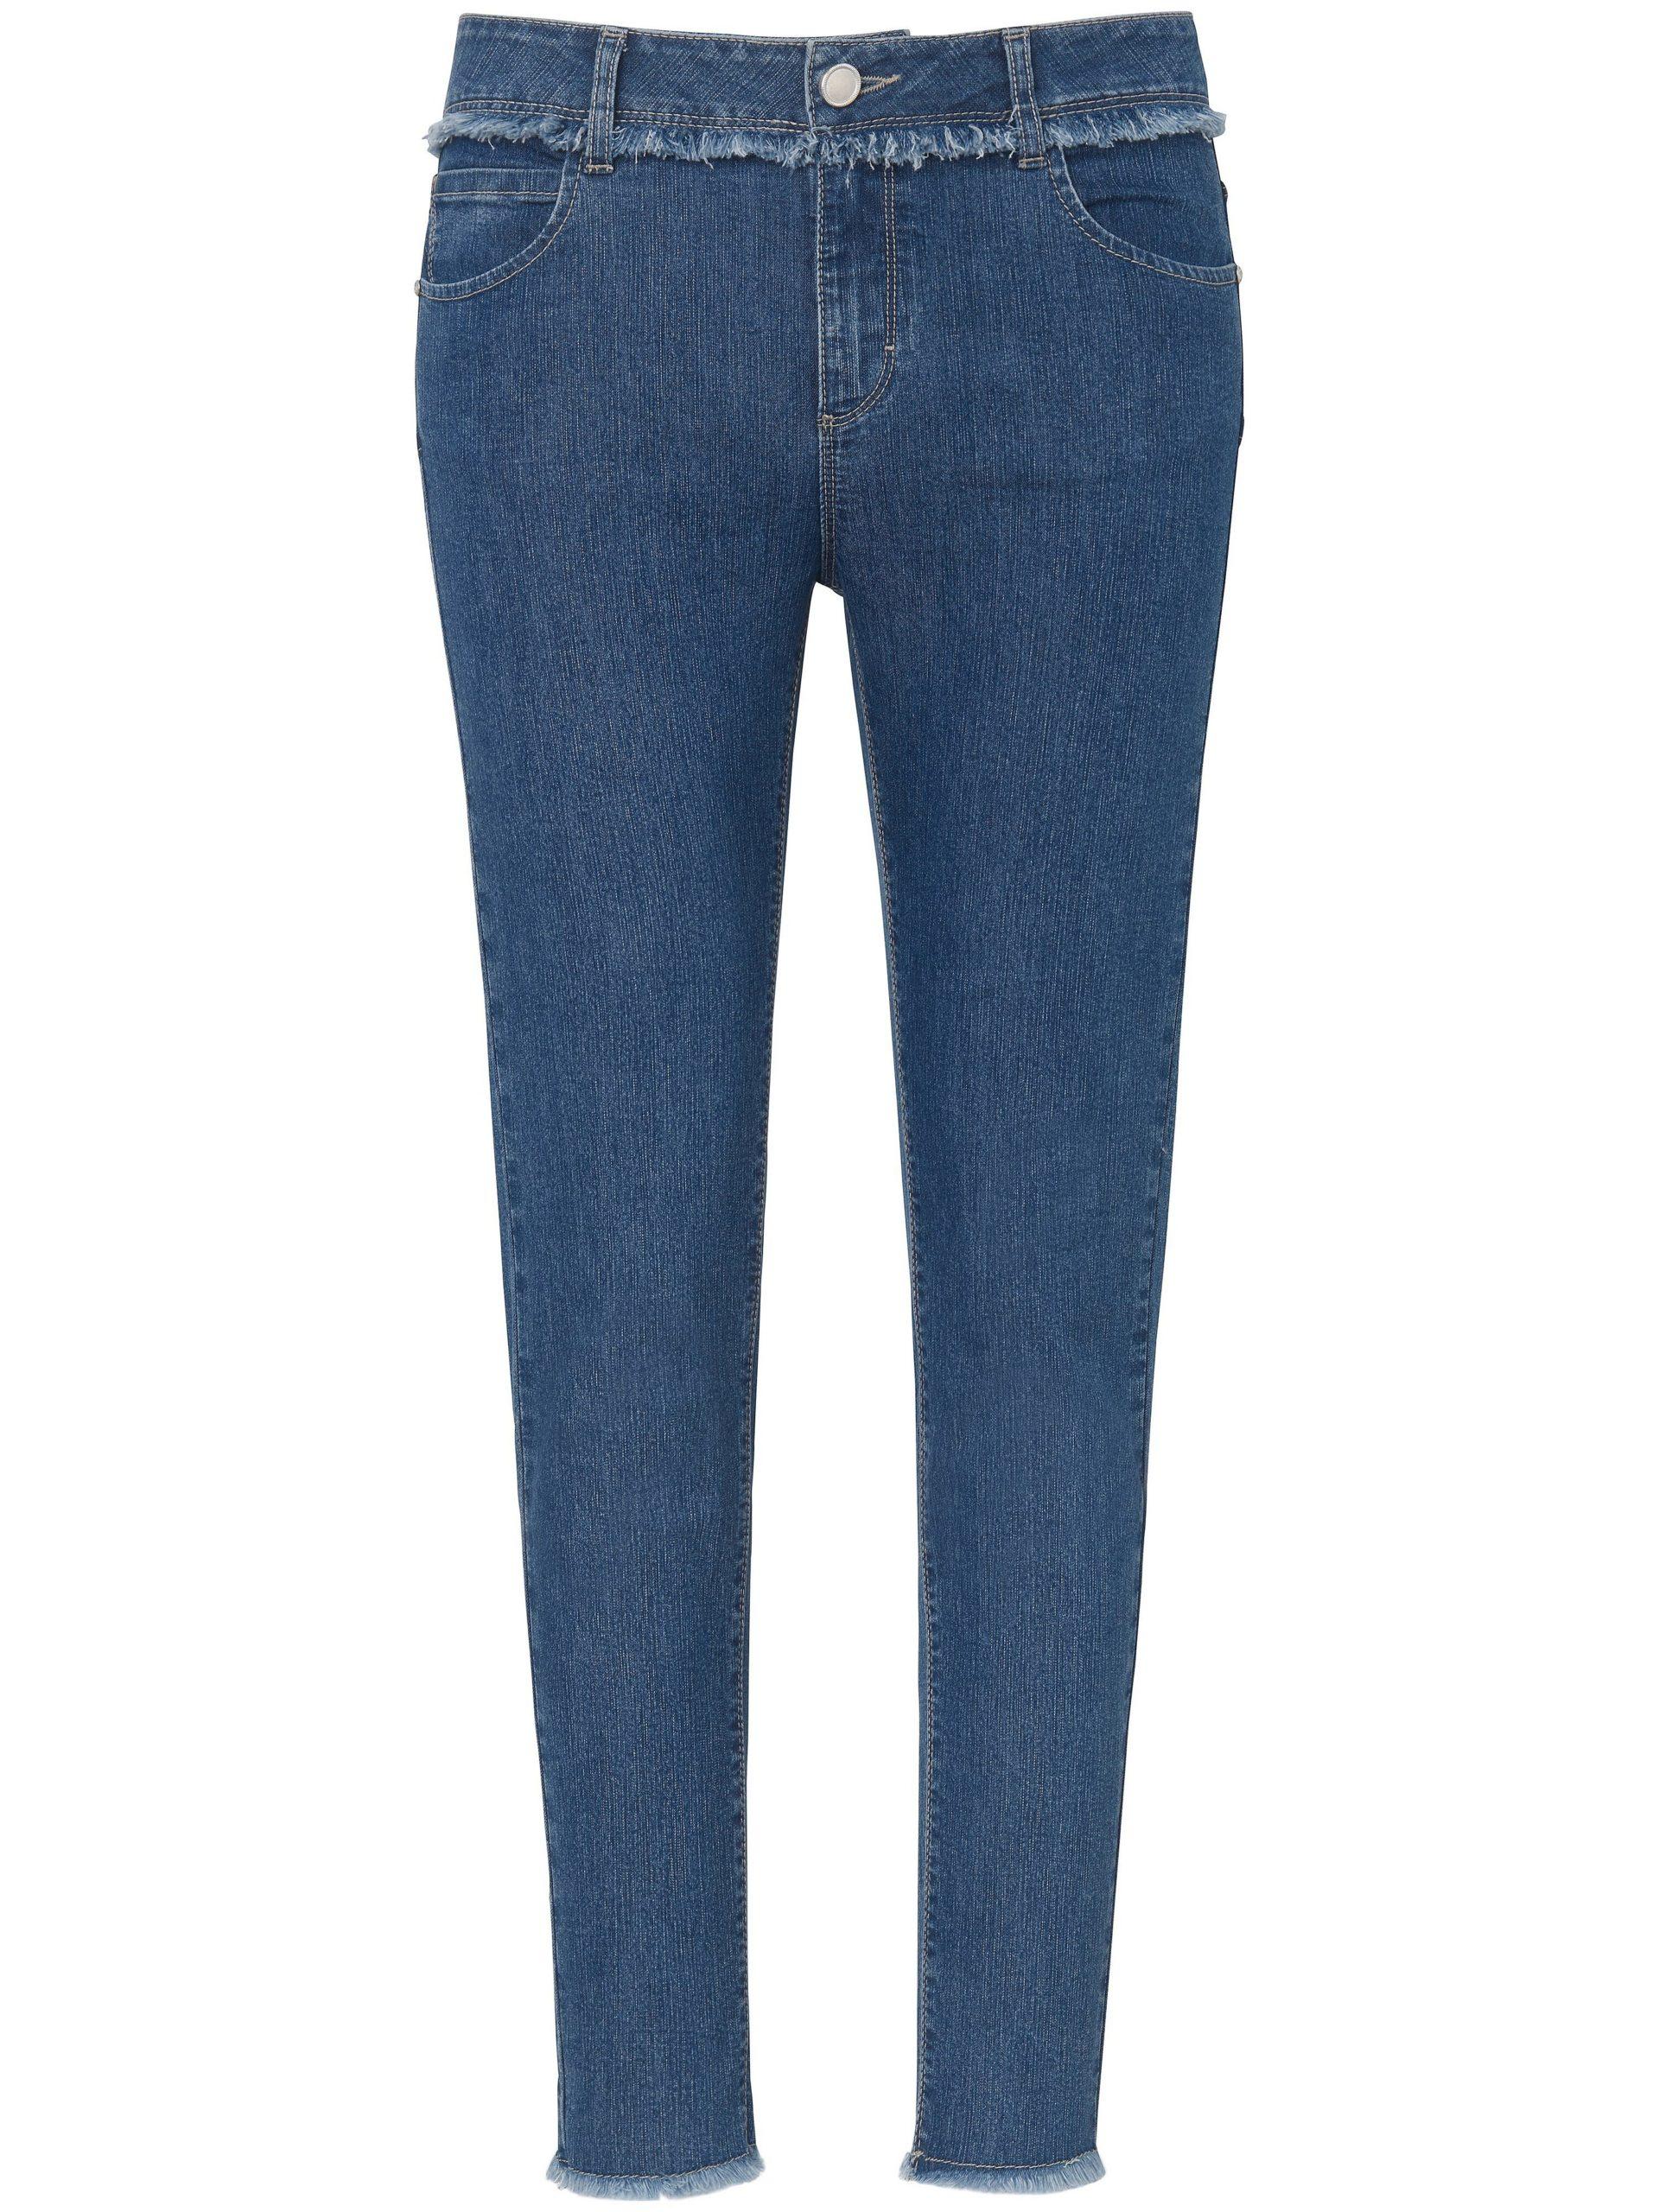 Enkellange Slim Fit-jeans Van DAY.LIKE denim Kopen